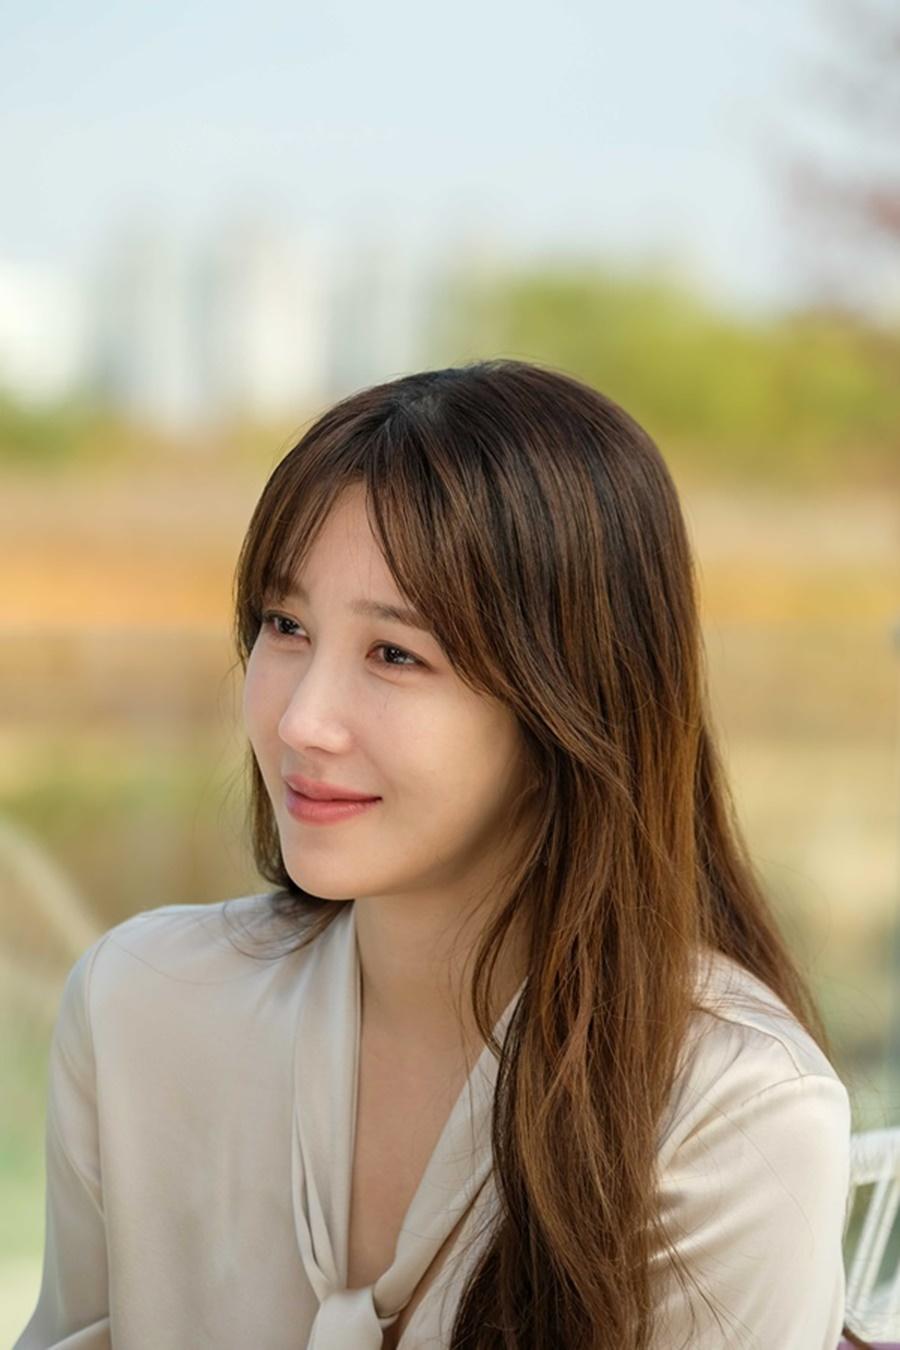 Vẻ đẹp thanh thuần của Lee Ji ah trong phim Cuộc chiến thượng lưu.